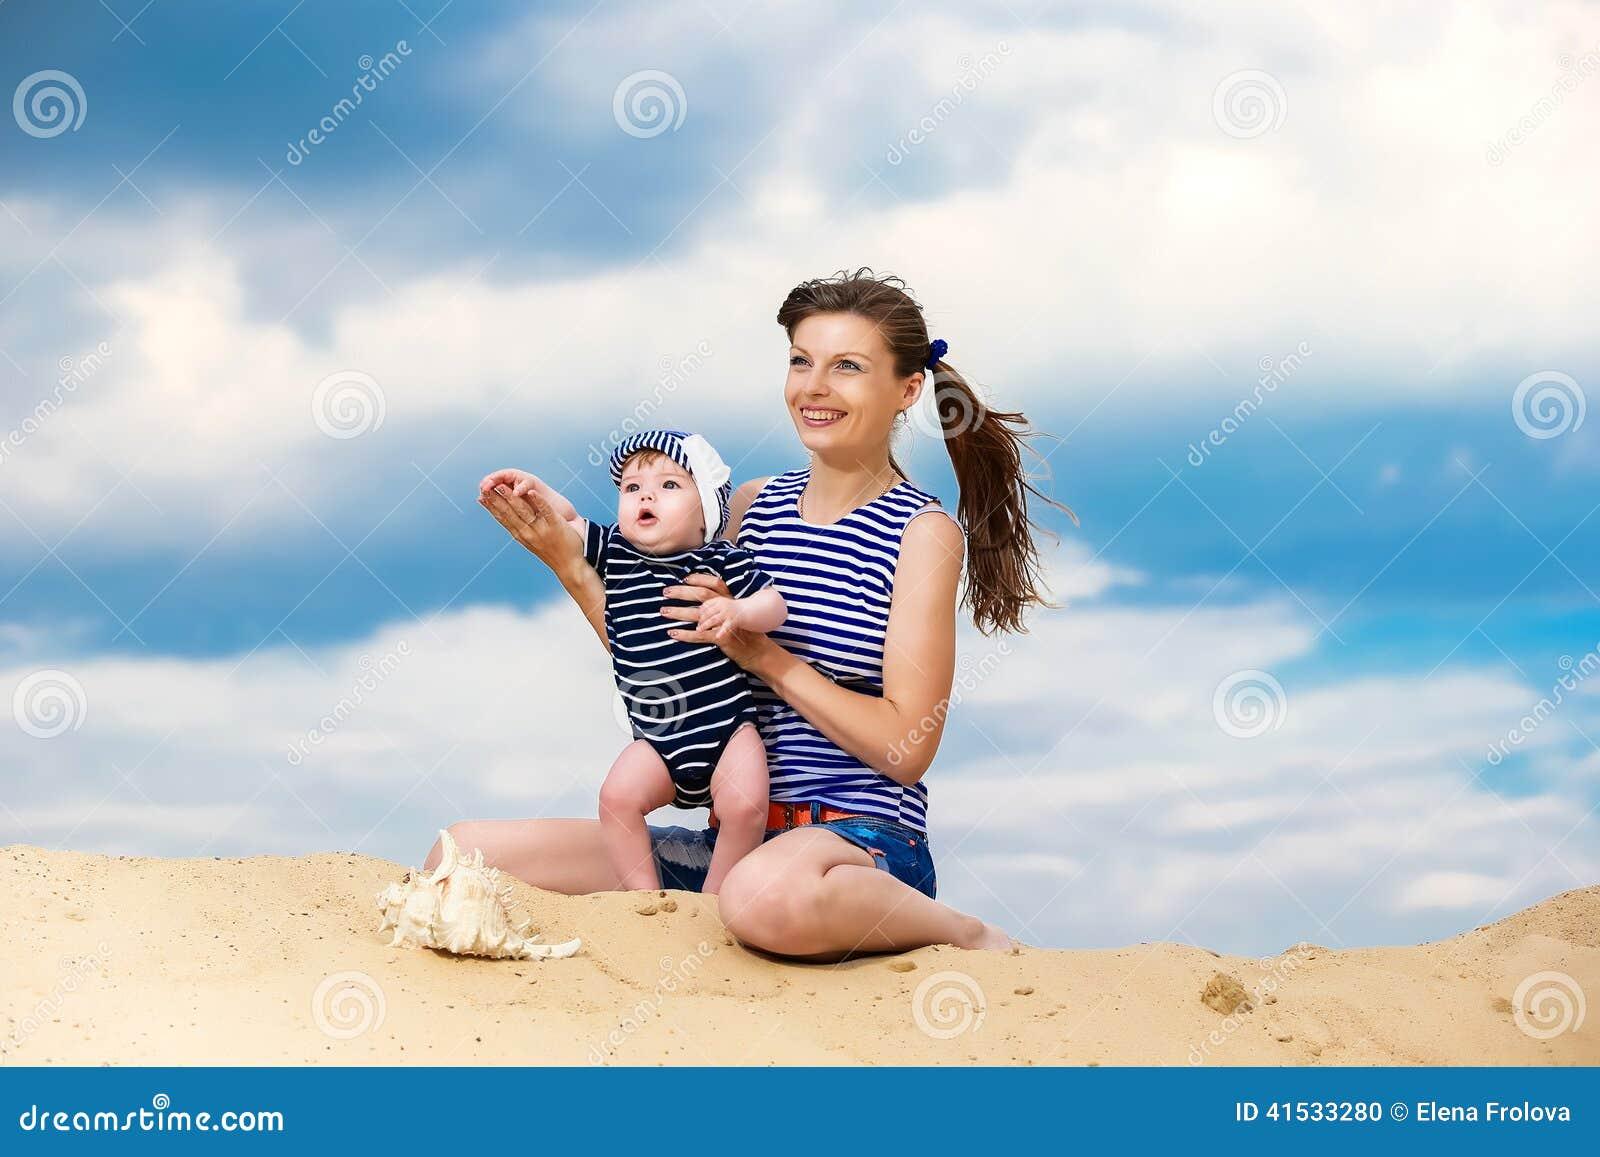 Потехи мамы и сына фото 541-748